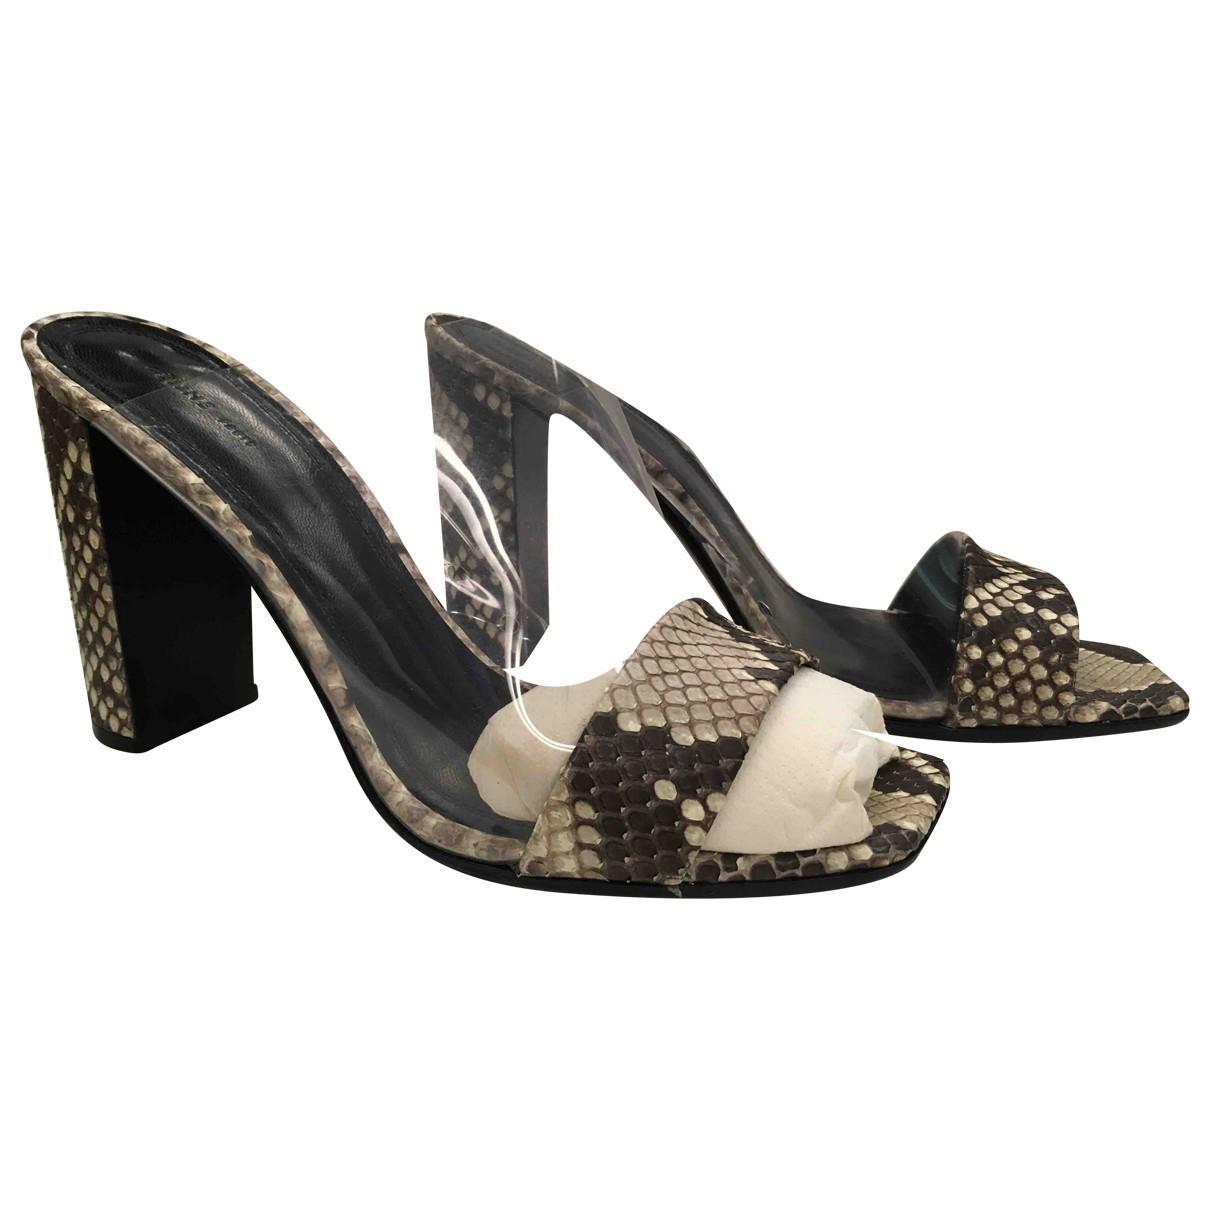 Pre-owned - Python sandals Celine tpo2kg